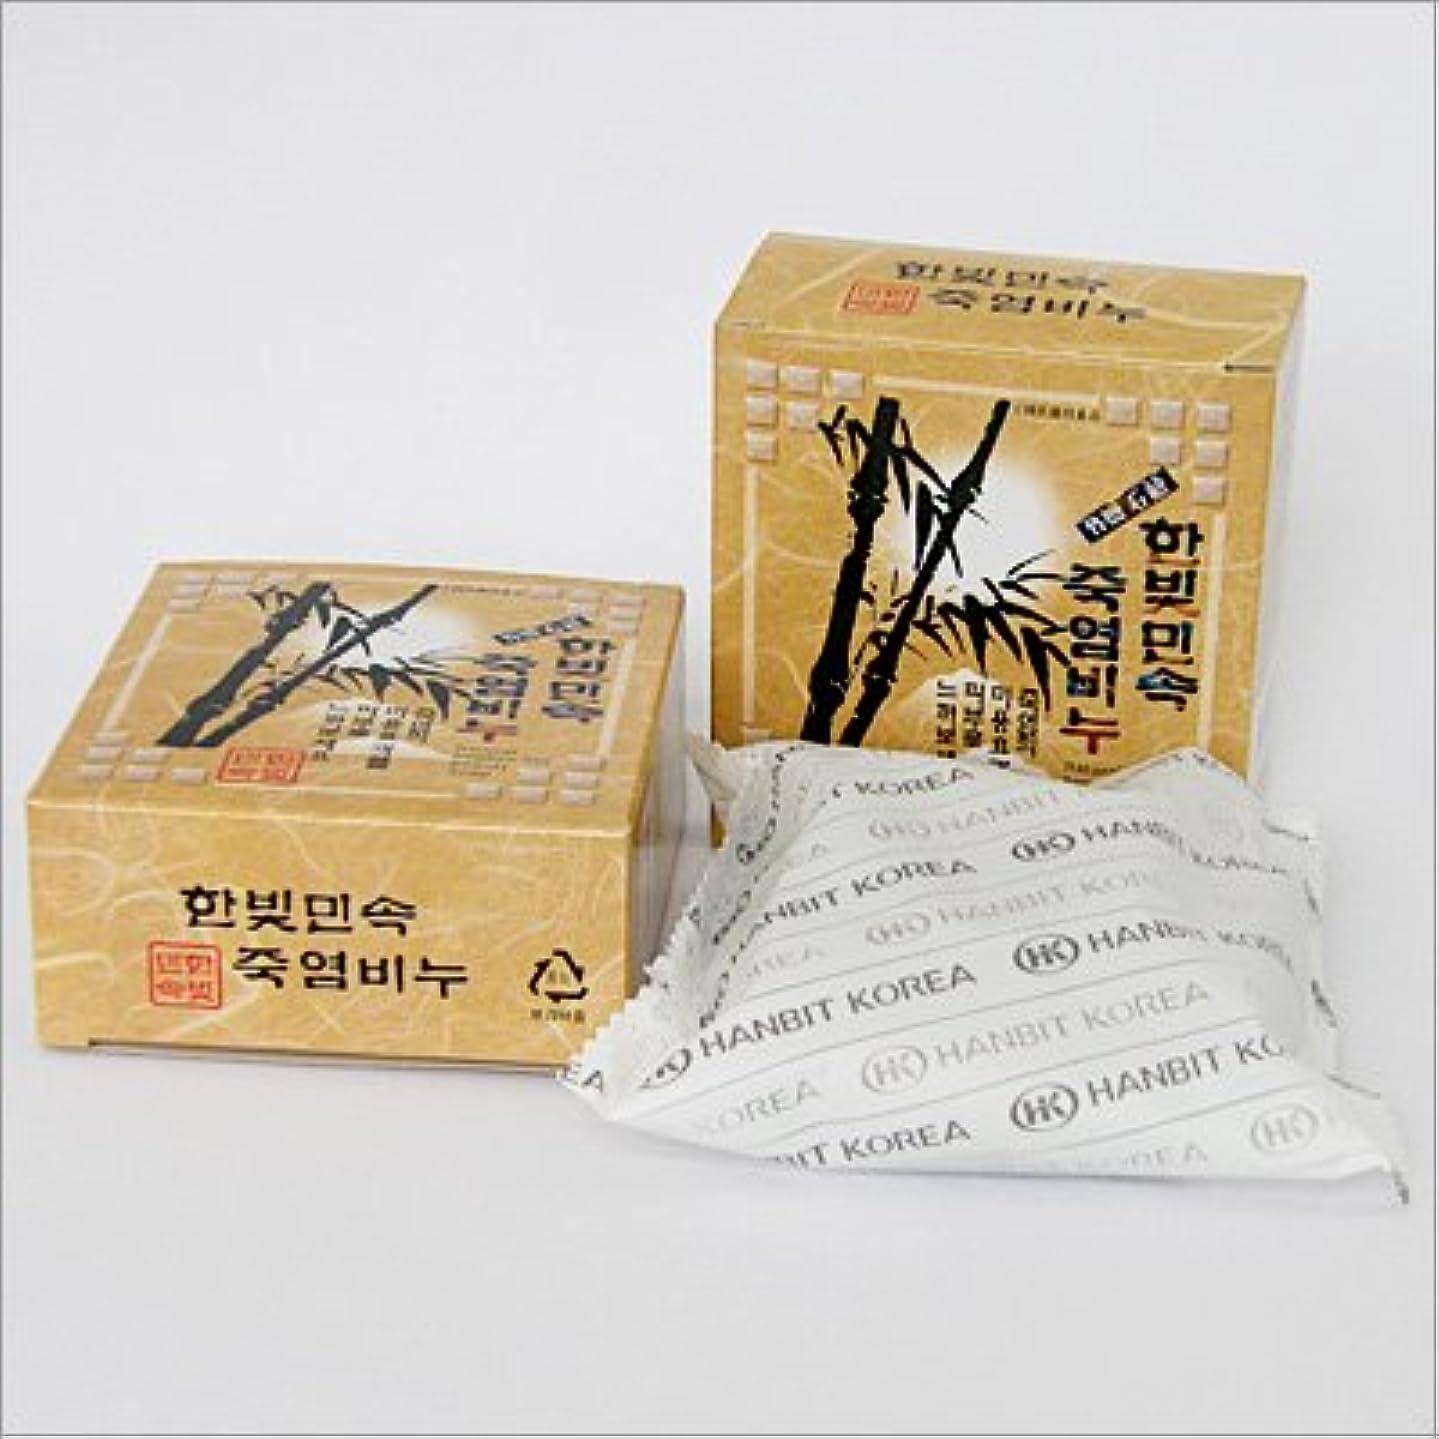 エレベーター岸ボイラー(韓国ブランド) 韓国直輸入』竹塩石鹸(3個×5セット)